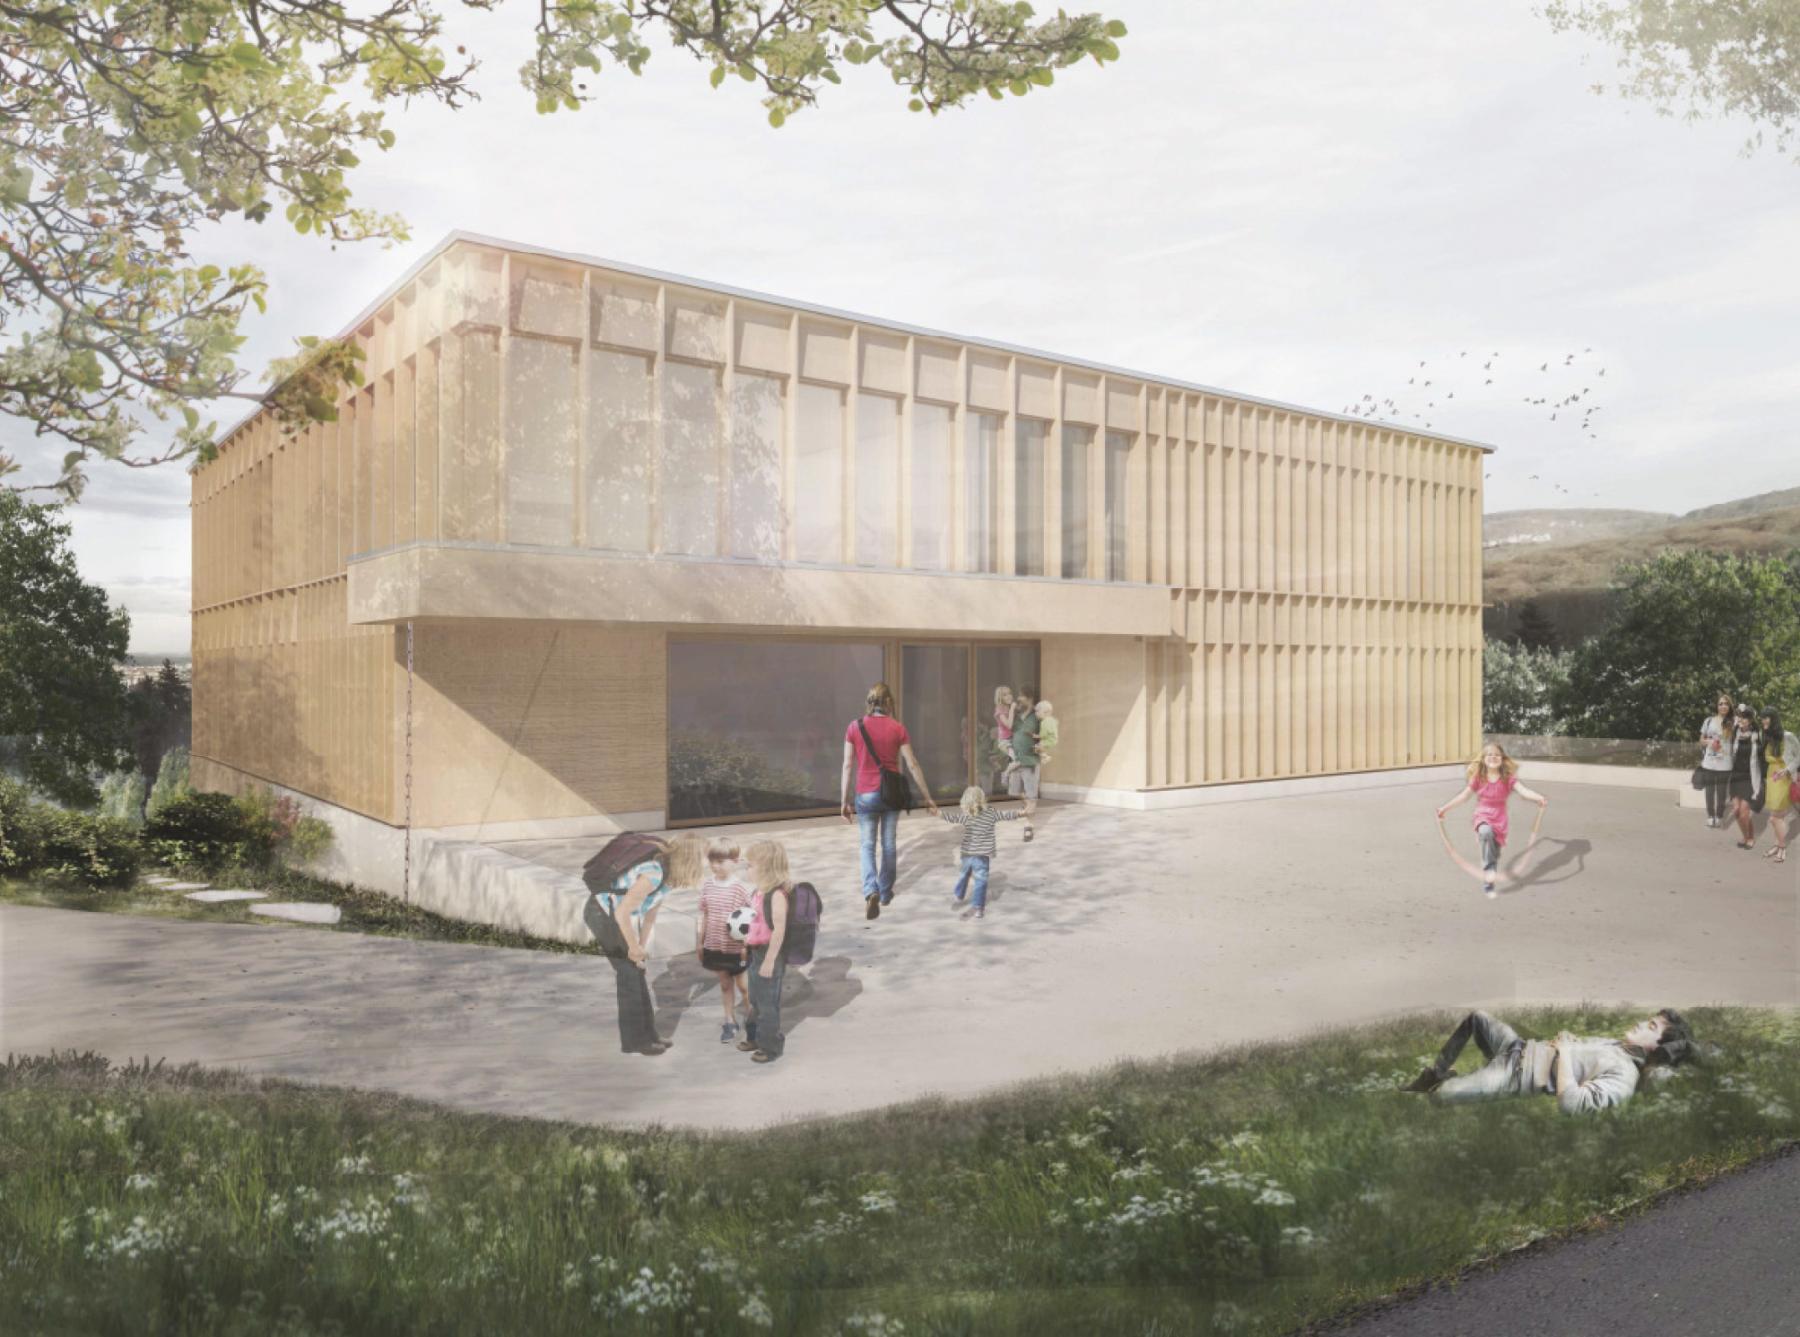 Neubau Schulhaus Pfeffingen BL, Oliver Brandenberger und Adrian Kloter Architektengemeinschaft, Ku tschi tschi